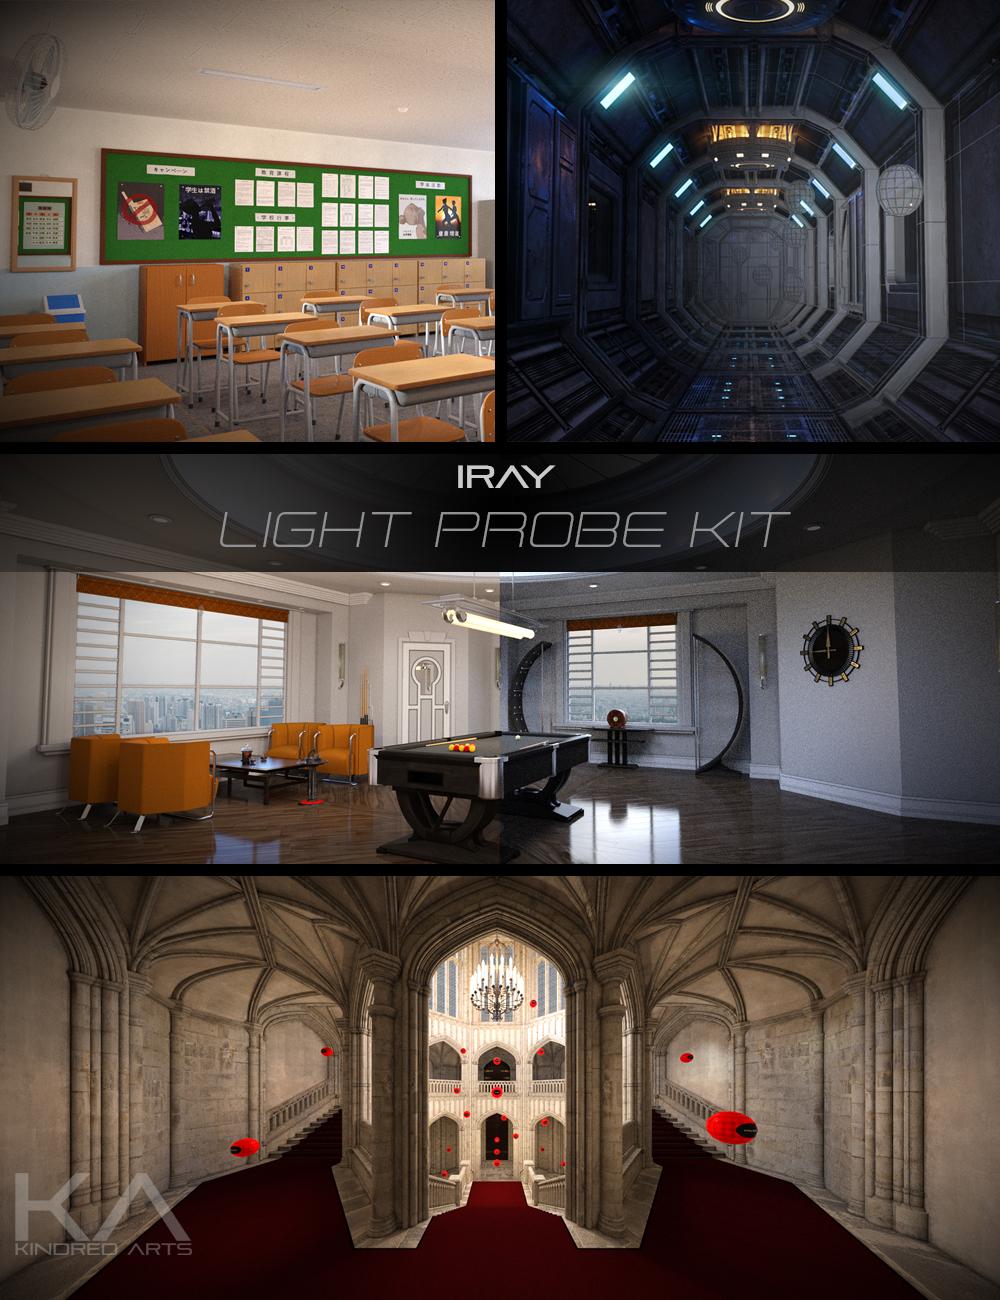 Iray Light Probe Kit by: KindredArts, 3D Models by Daz 3D